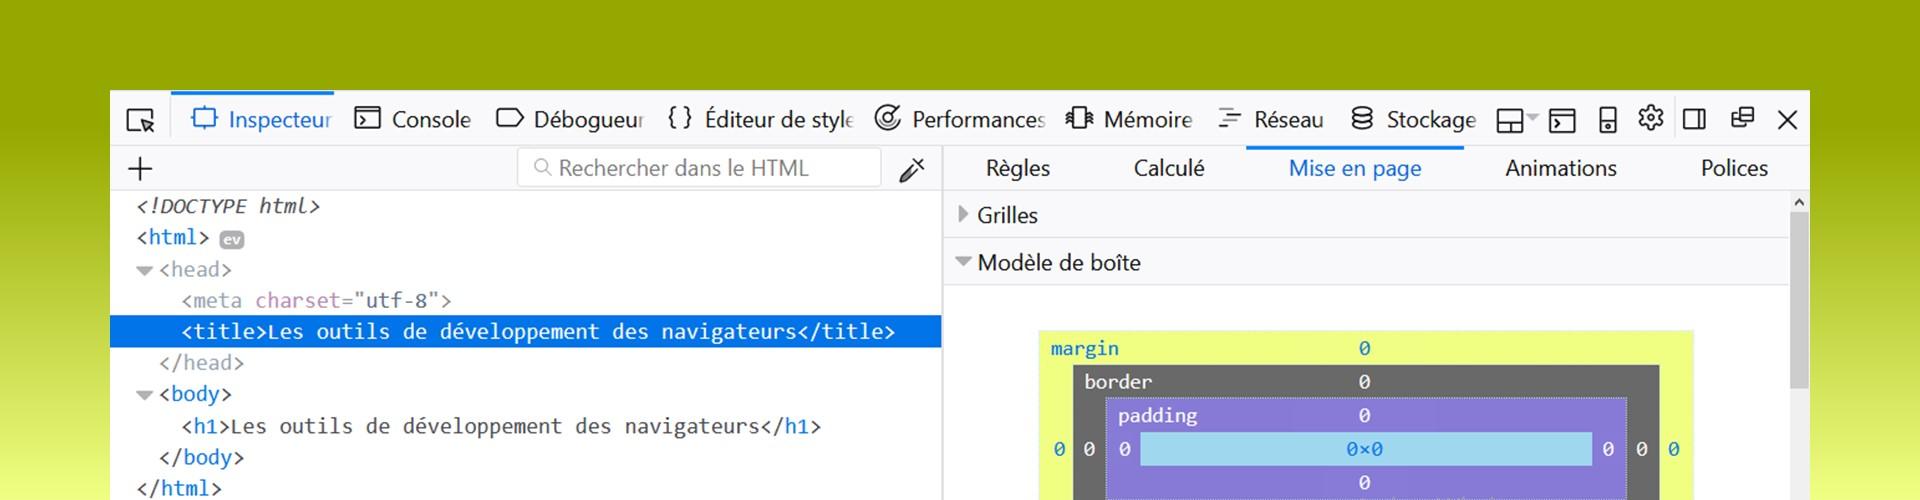 Les outils de développement web des navigateurs